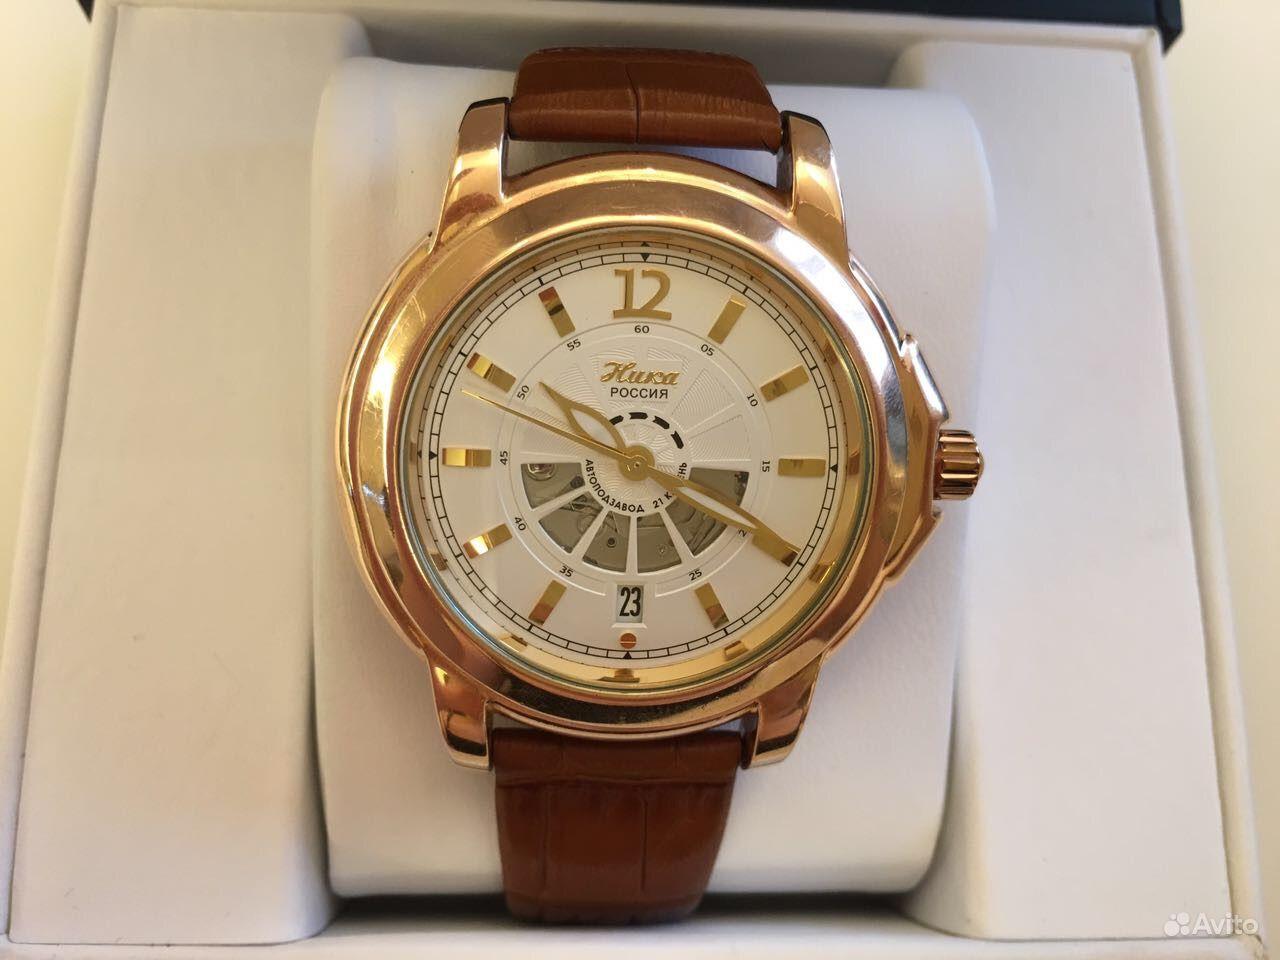 Продать золотые авито часы часы продать где выгодно можно